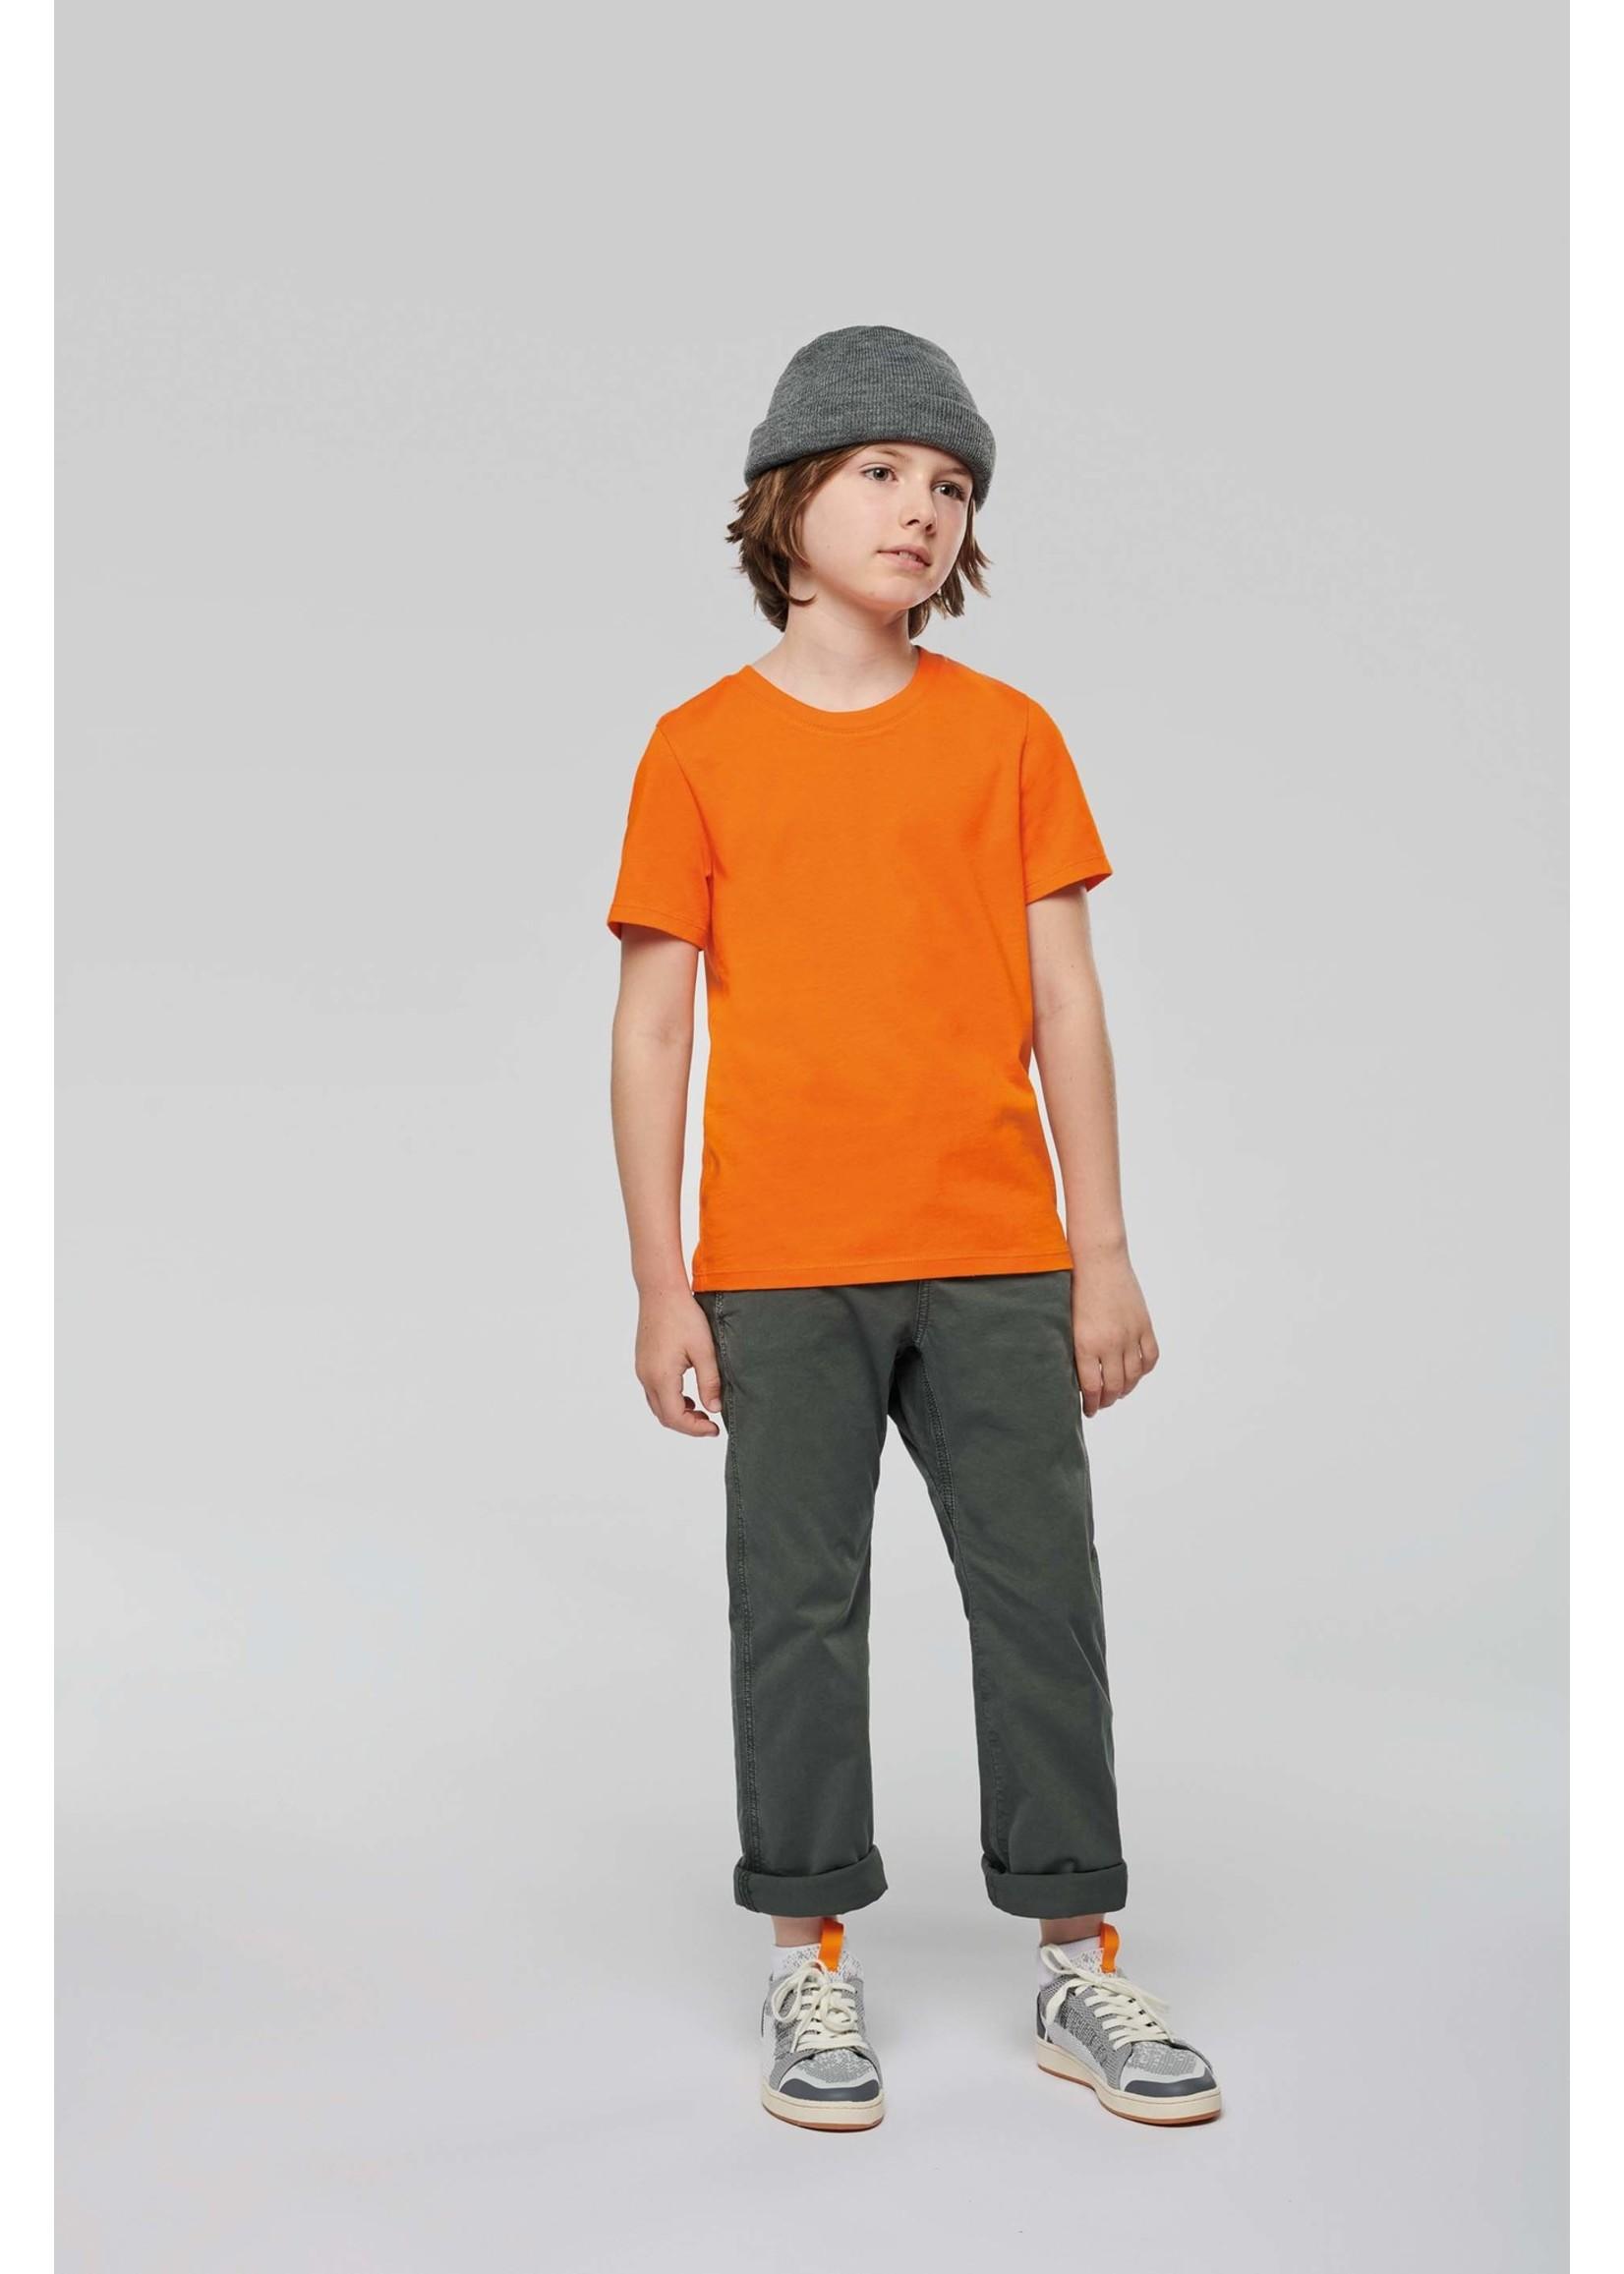 Eco-Friendly KIDS T-shirt - Skyblue